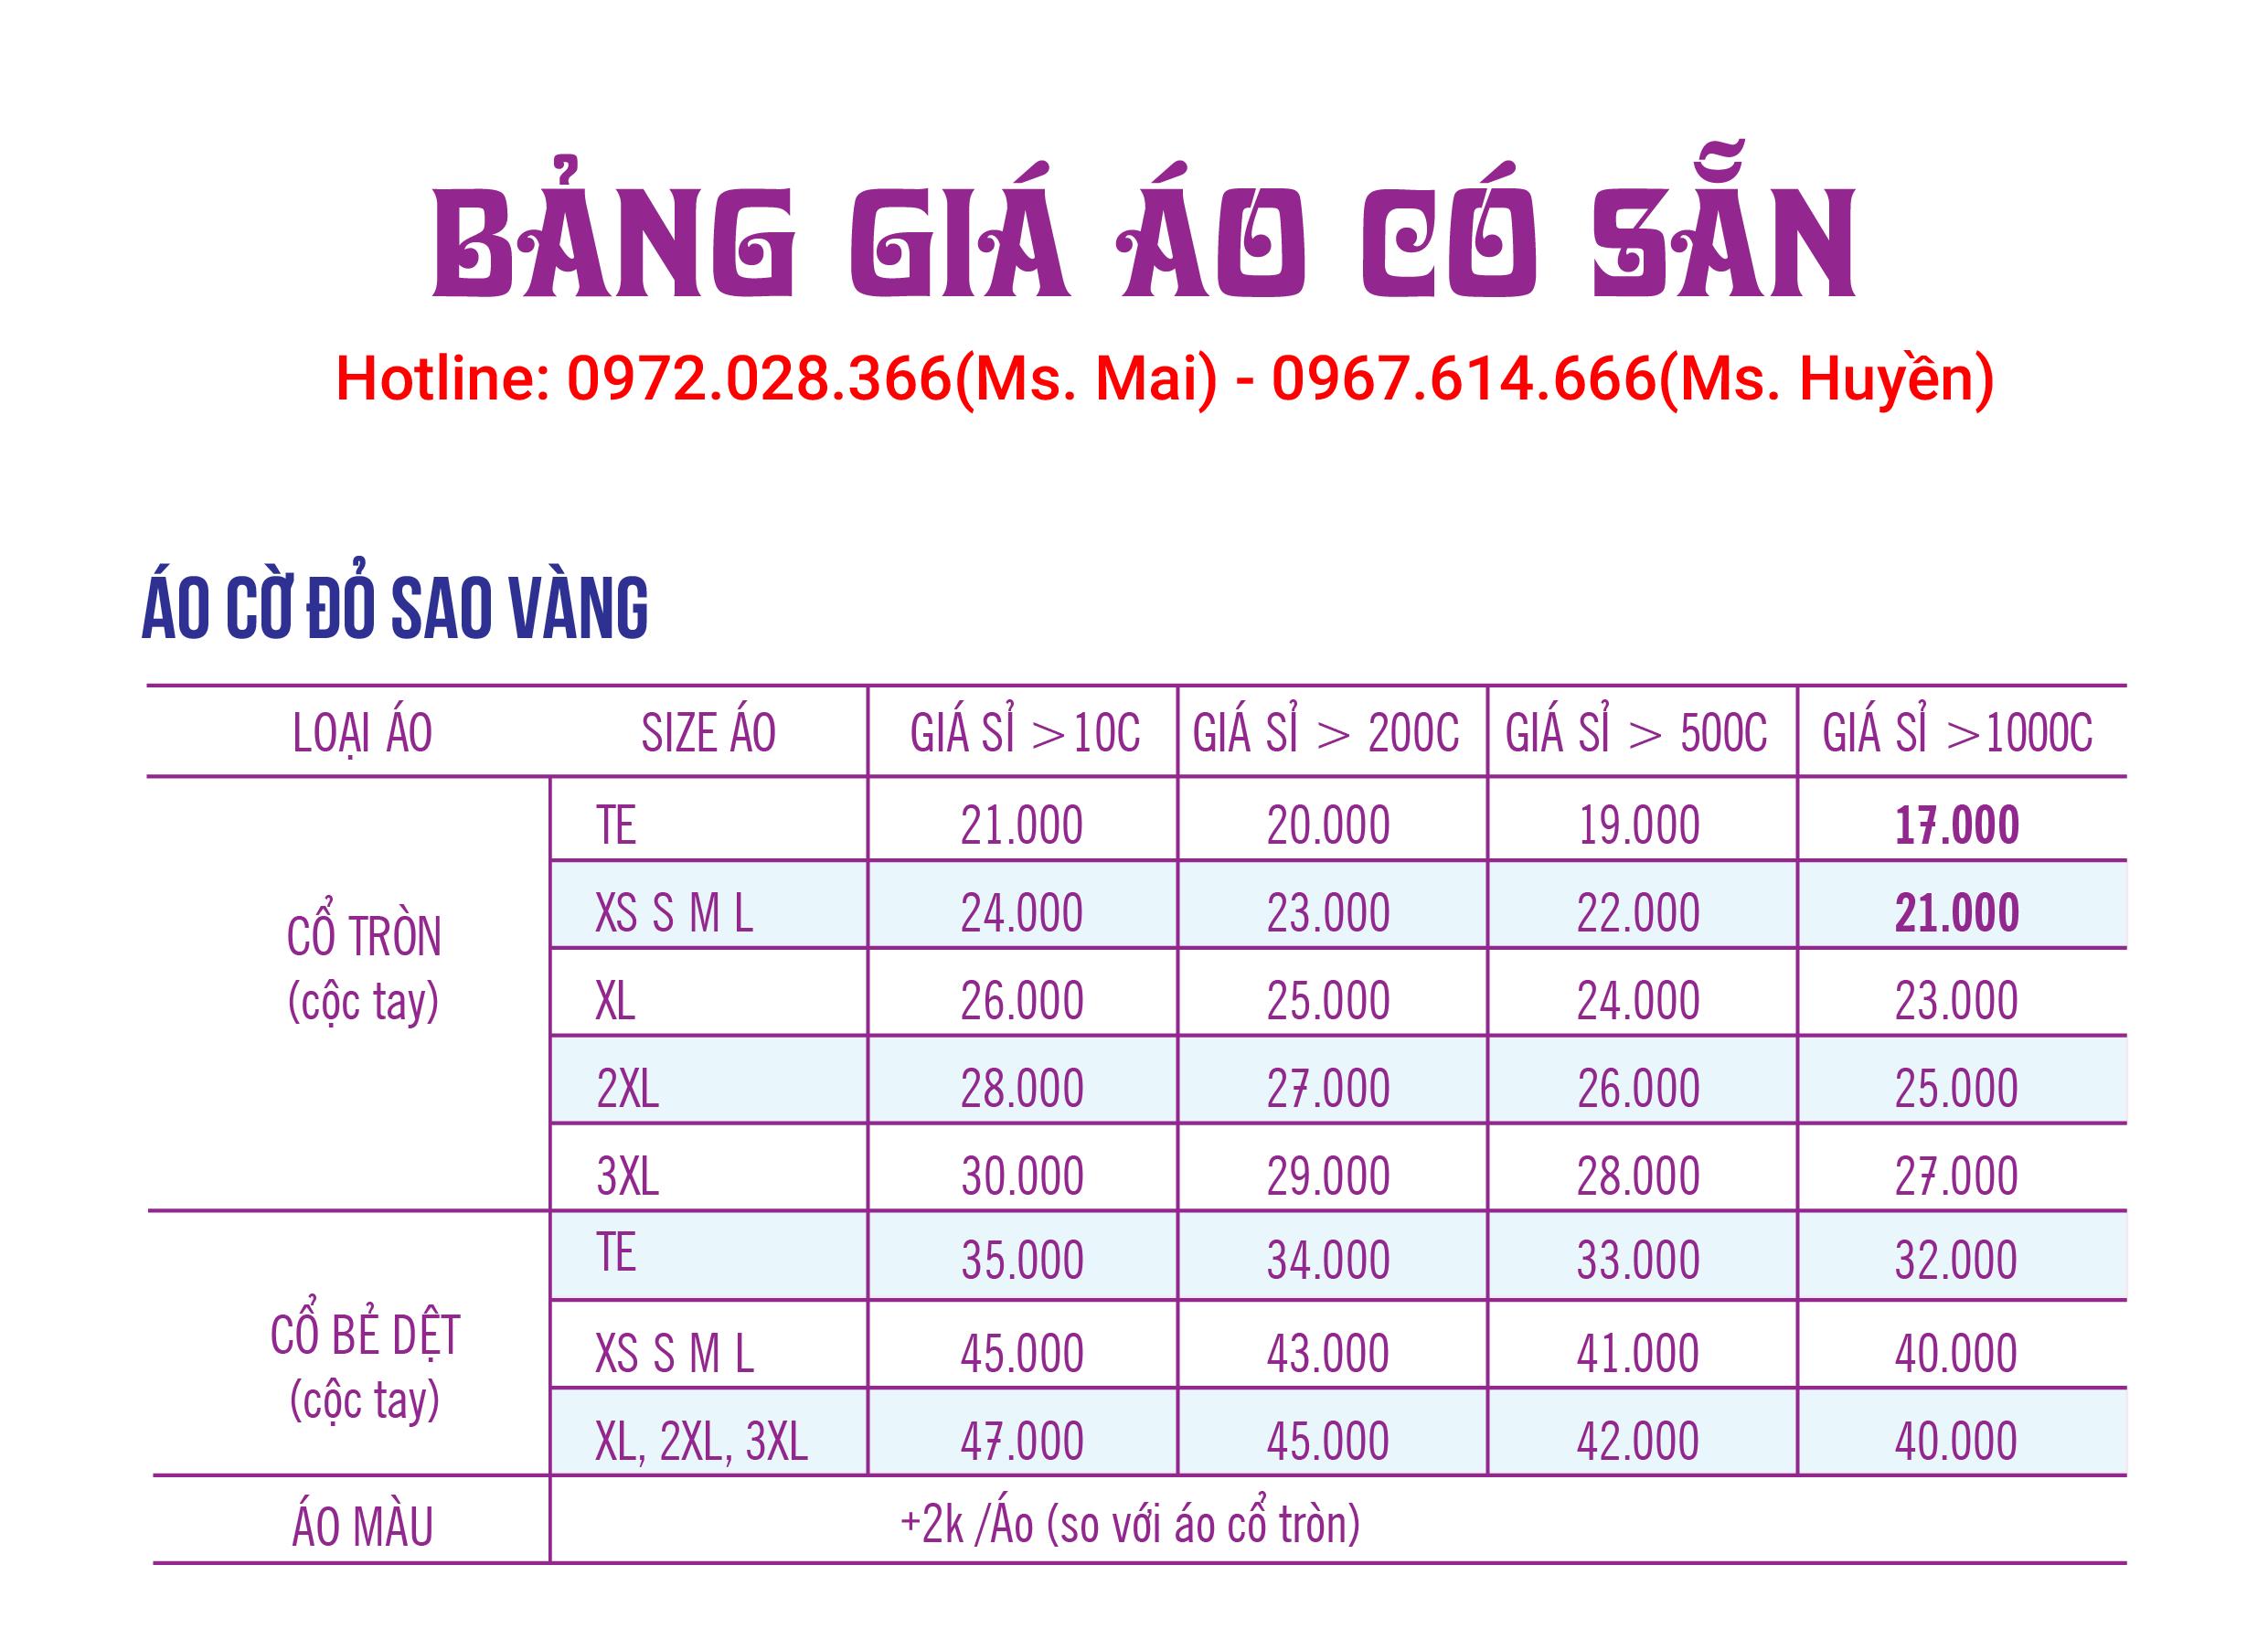 bang gia tong hop_2-09